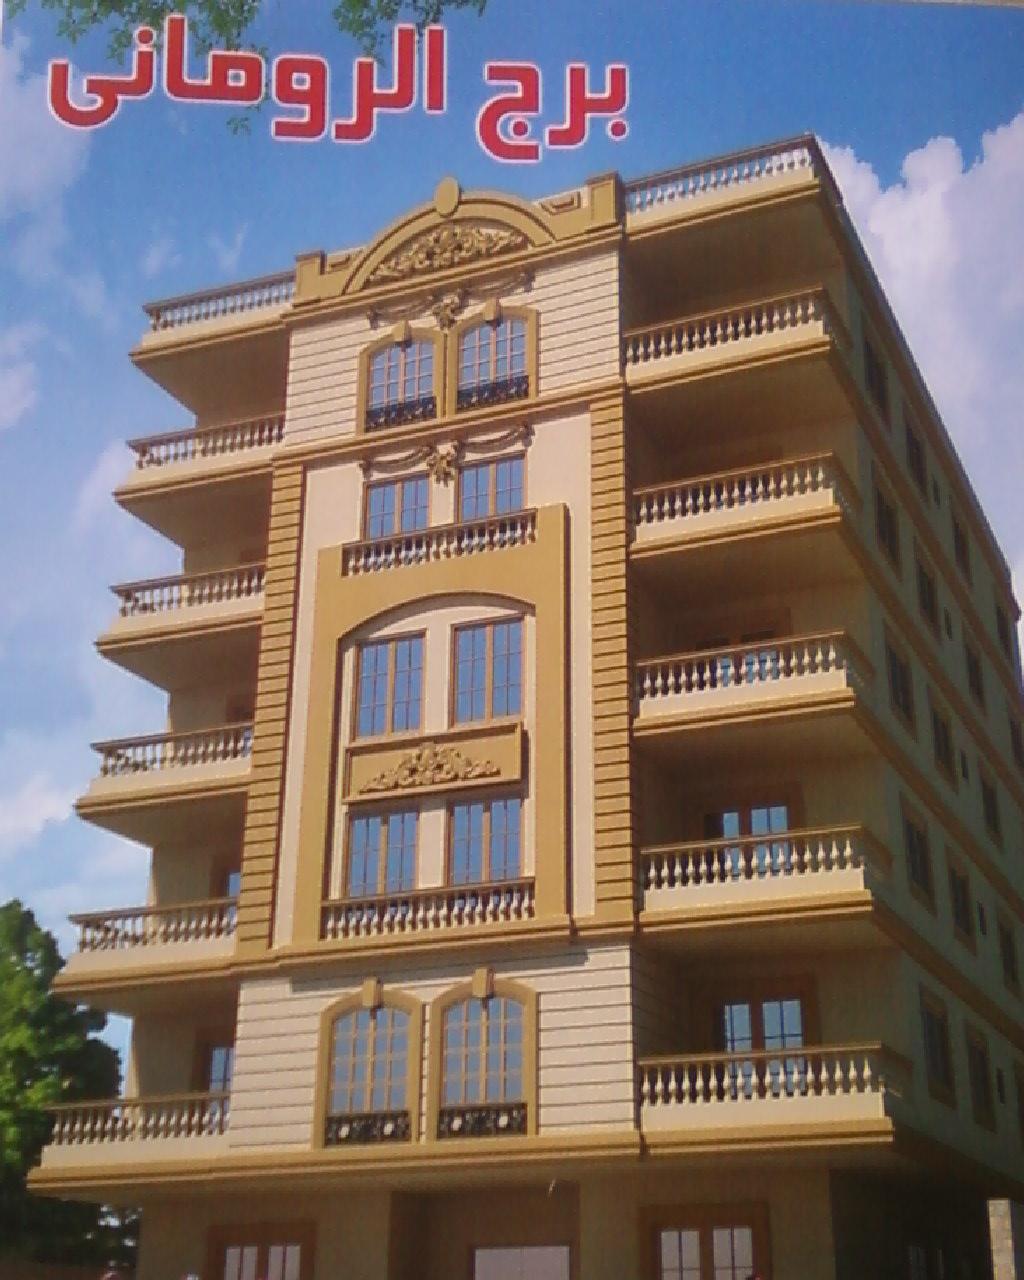 شقة للبيع - مصر الجديدة - ميدان الحجازconcordia rechtsschutz concordia versicherung concor